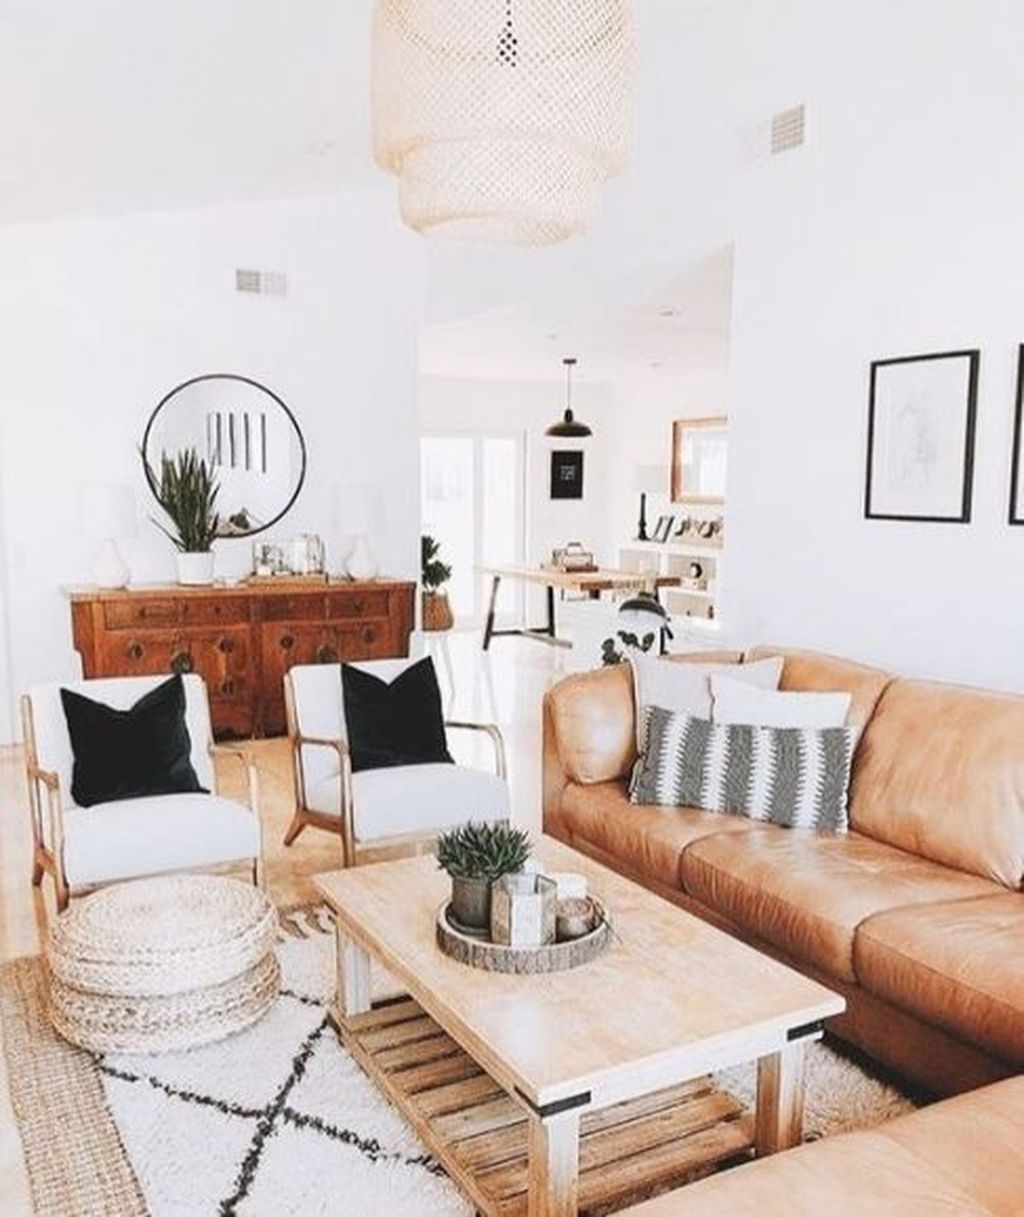 The Best Vintage Home Decoration Ideas 26